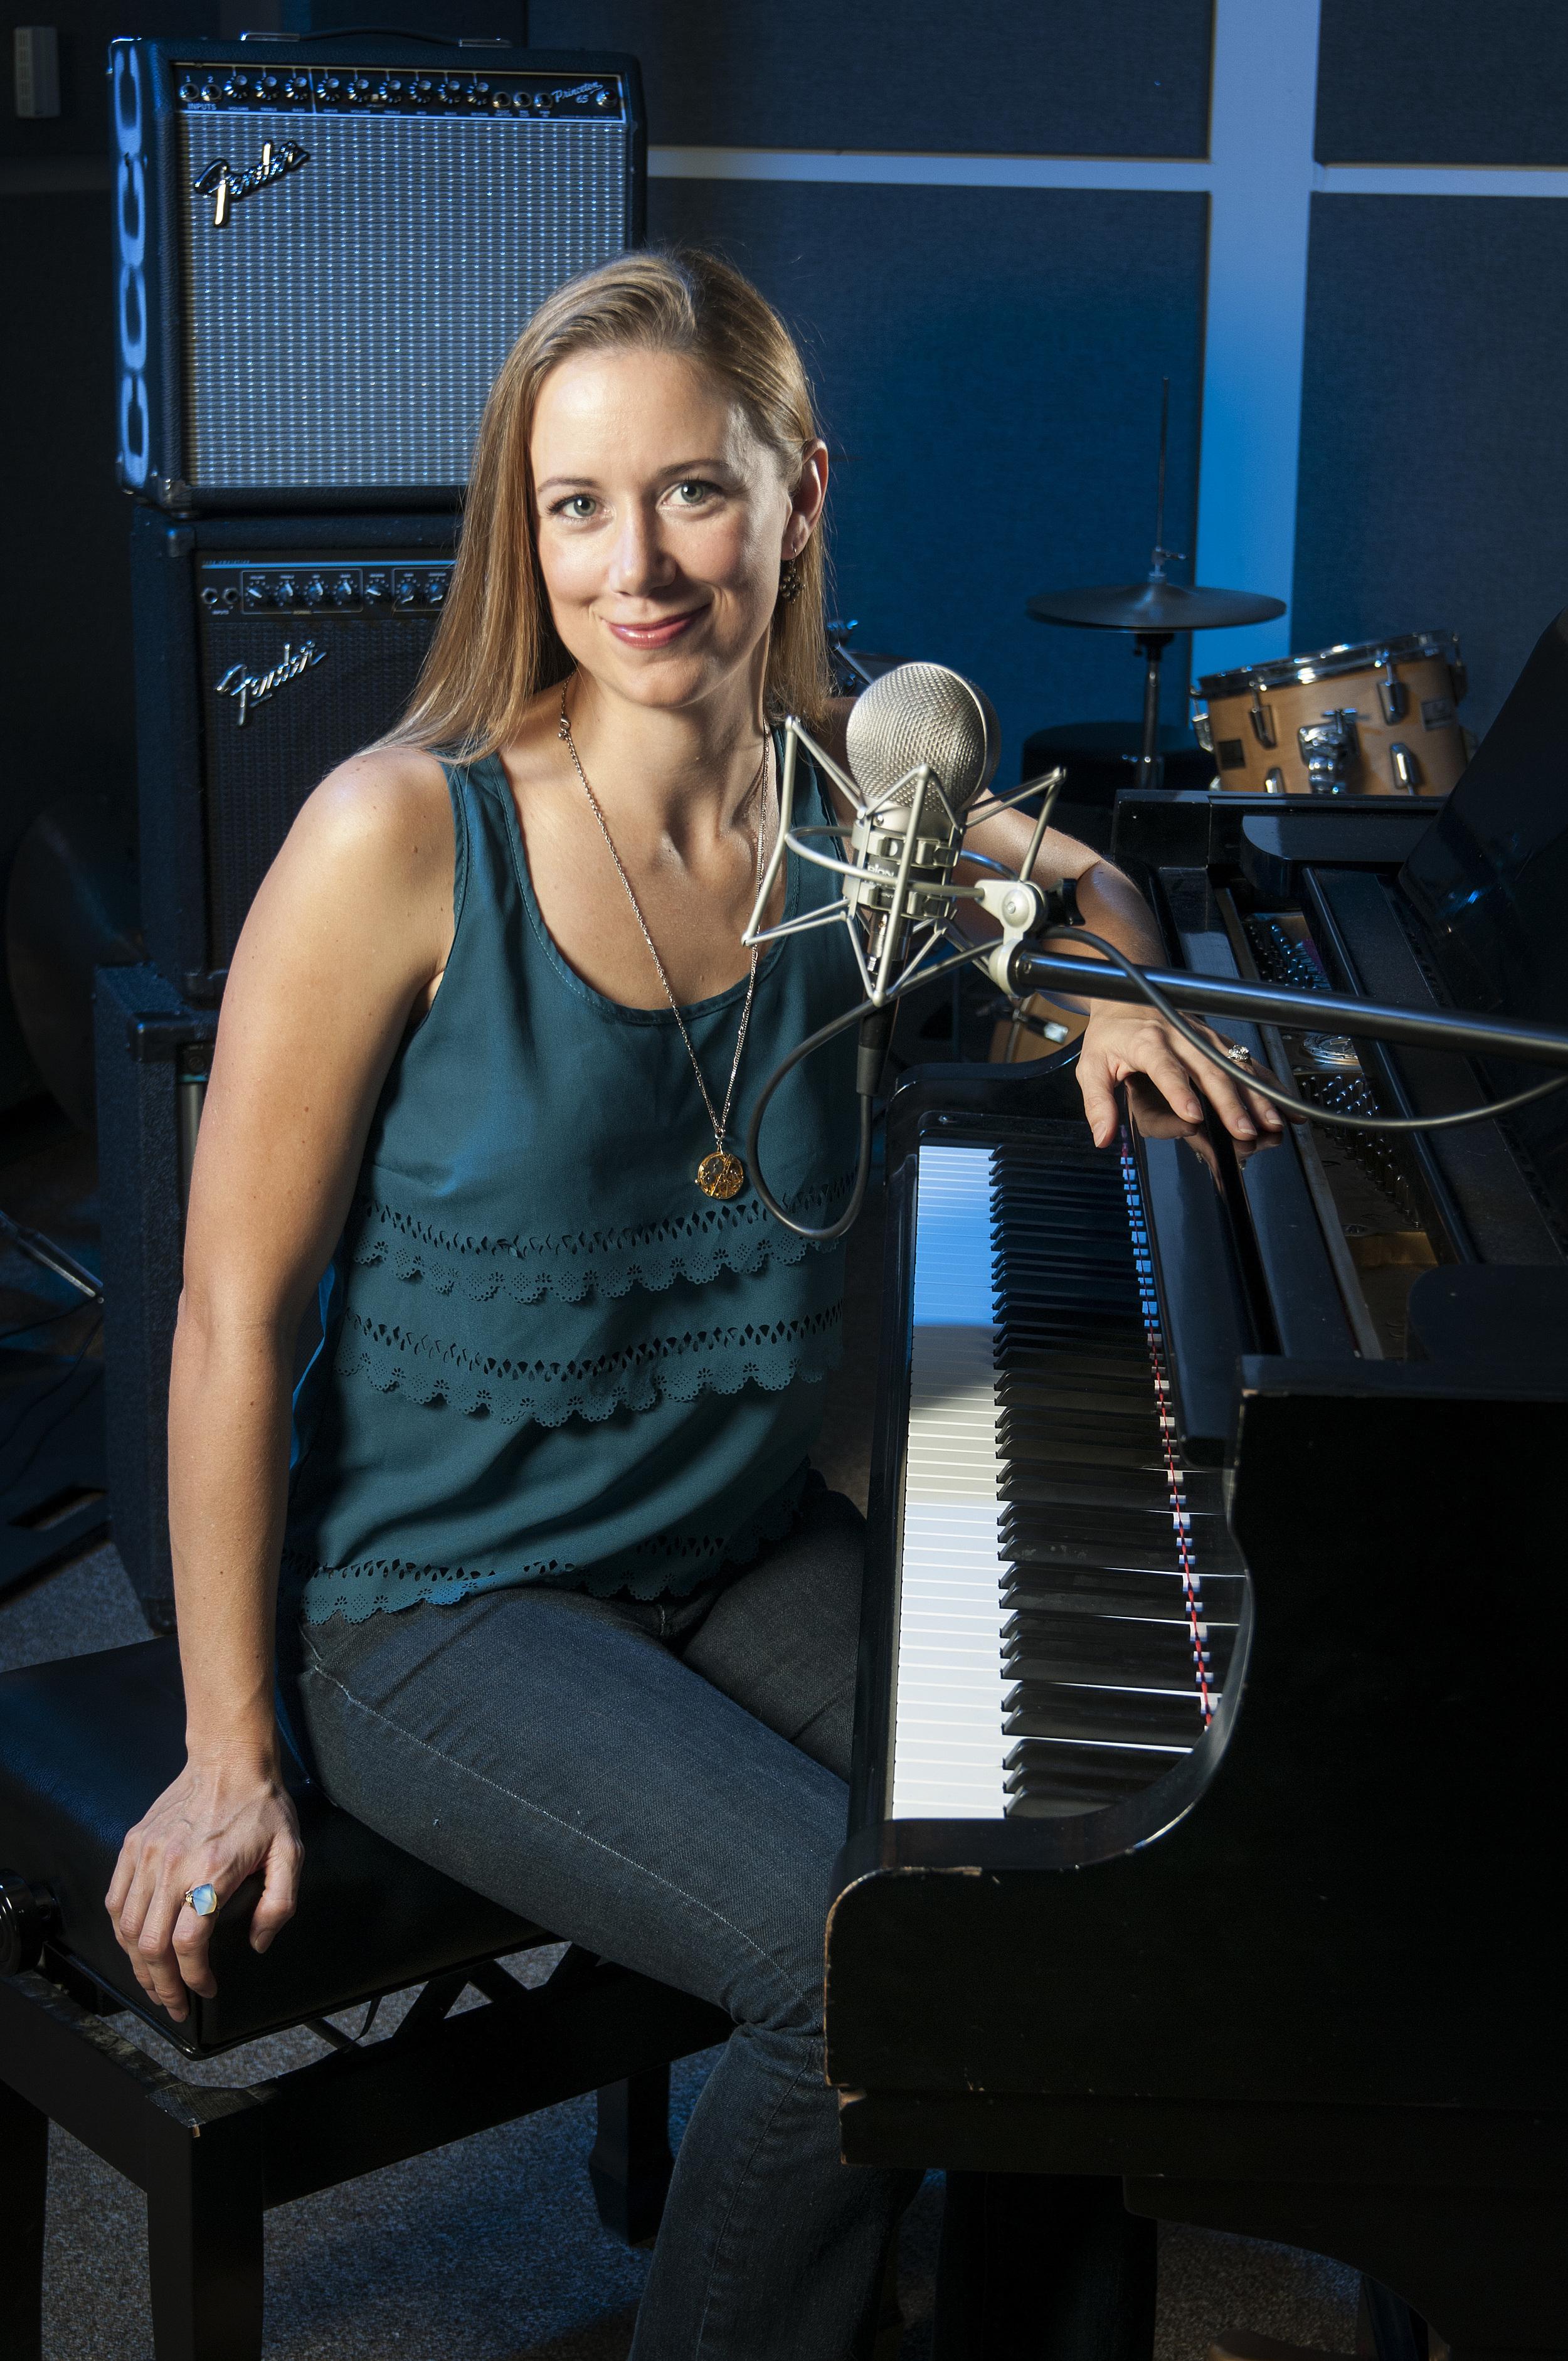 Laura Ault, Singer/Songwriter